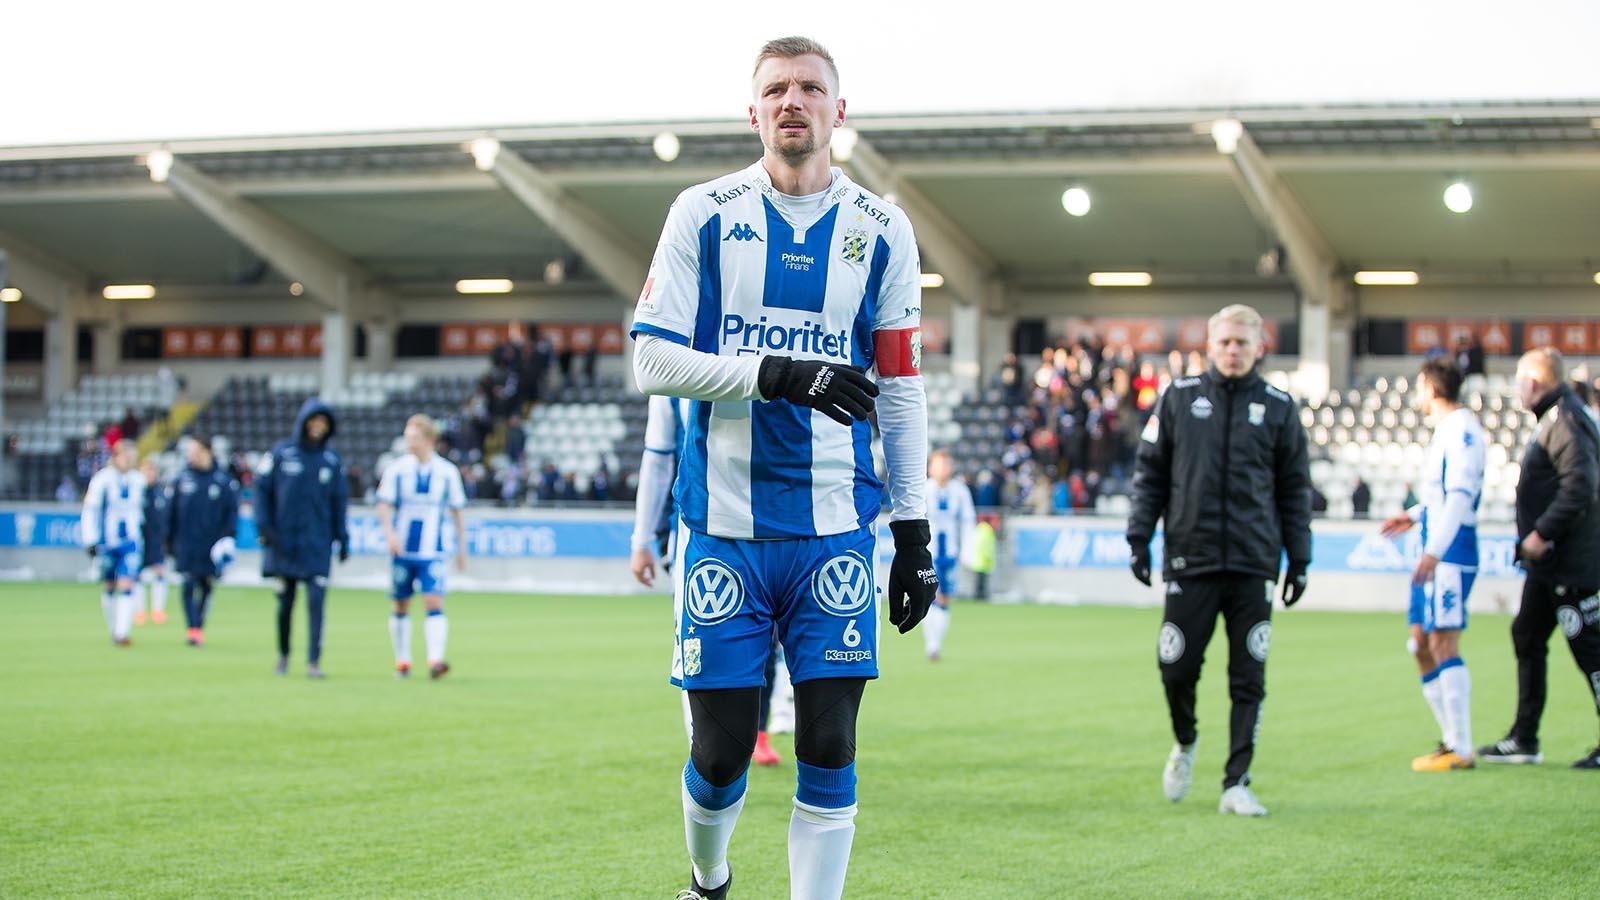 180224 IFK Göteborgs Sebastian Eriksson efter en fotbollsmatch i Svenska Cupen mellan IFK Göteborg och Öster den 24 februari 2018 i Göteborg. Foto: Michael Erichsen / BILDBYRÅN / Cop 89